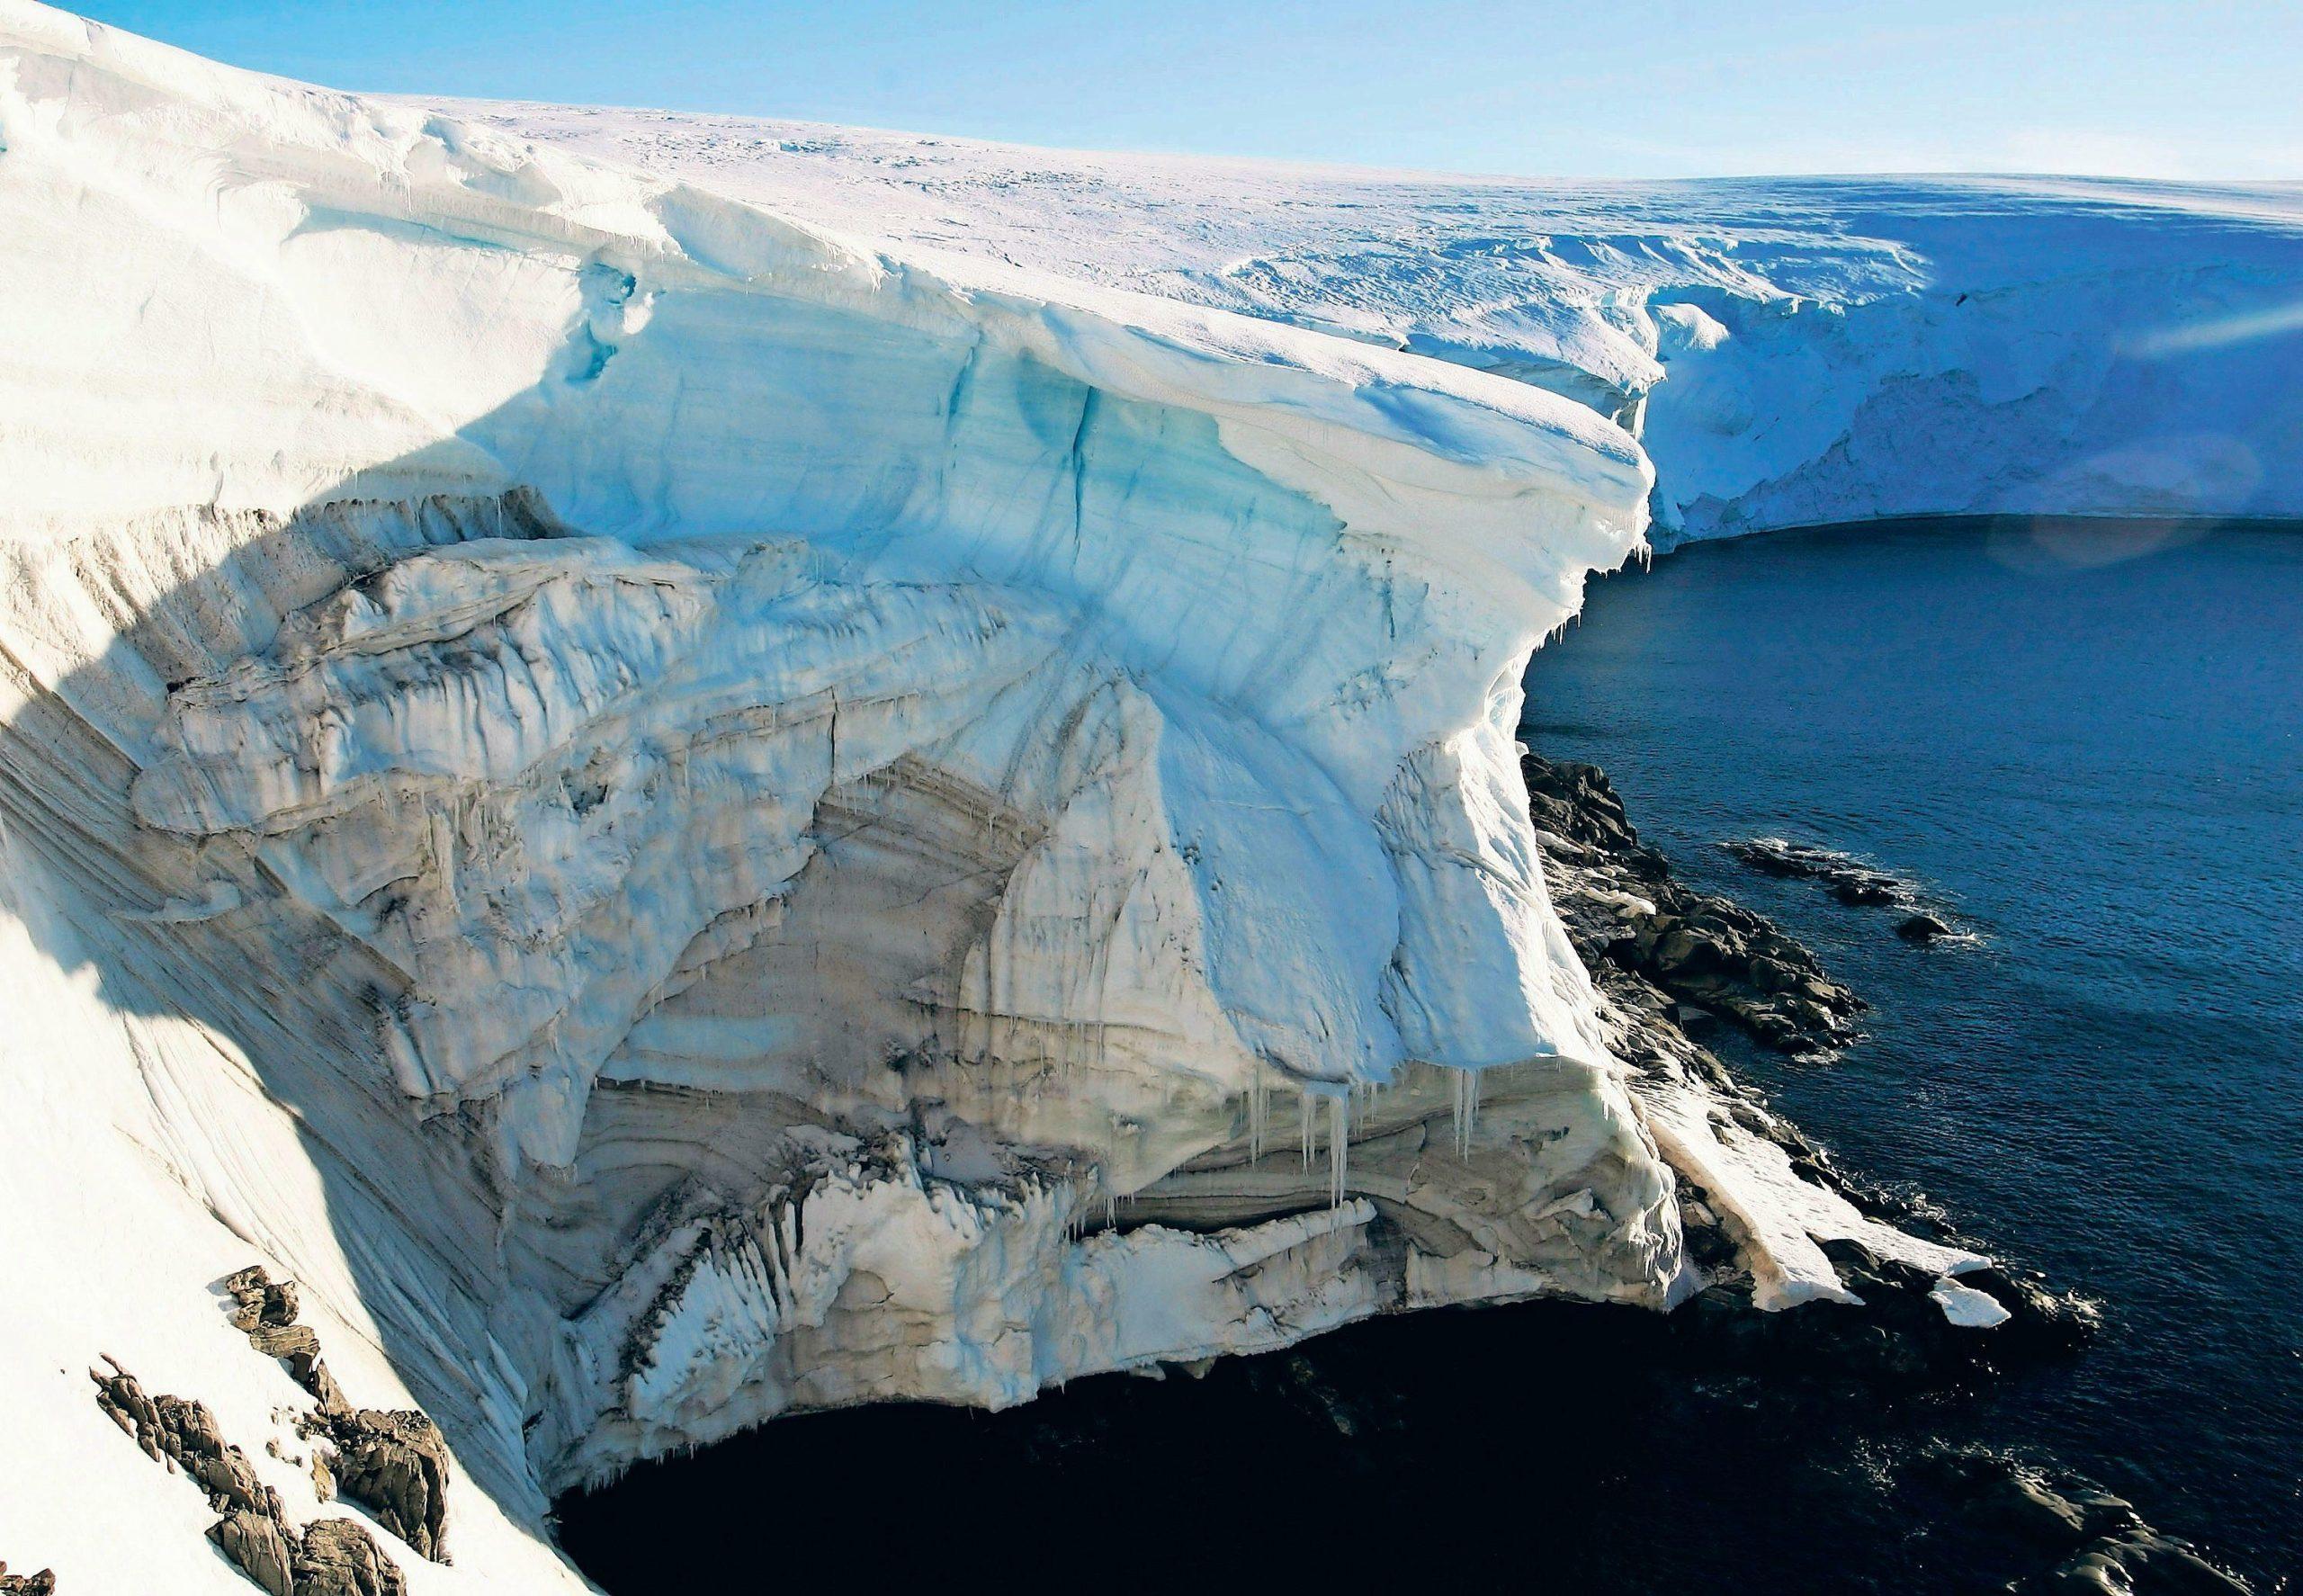 Antarktis: Eisverlust Beschleunigt Sich Drastisch verwandt mit Eis Im Wasserglas Schmelzen Wie Ist Der Wasserspiegel Nun